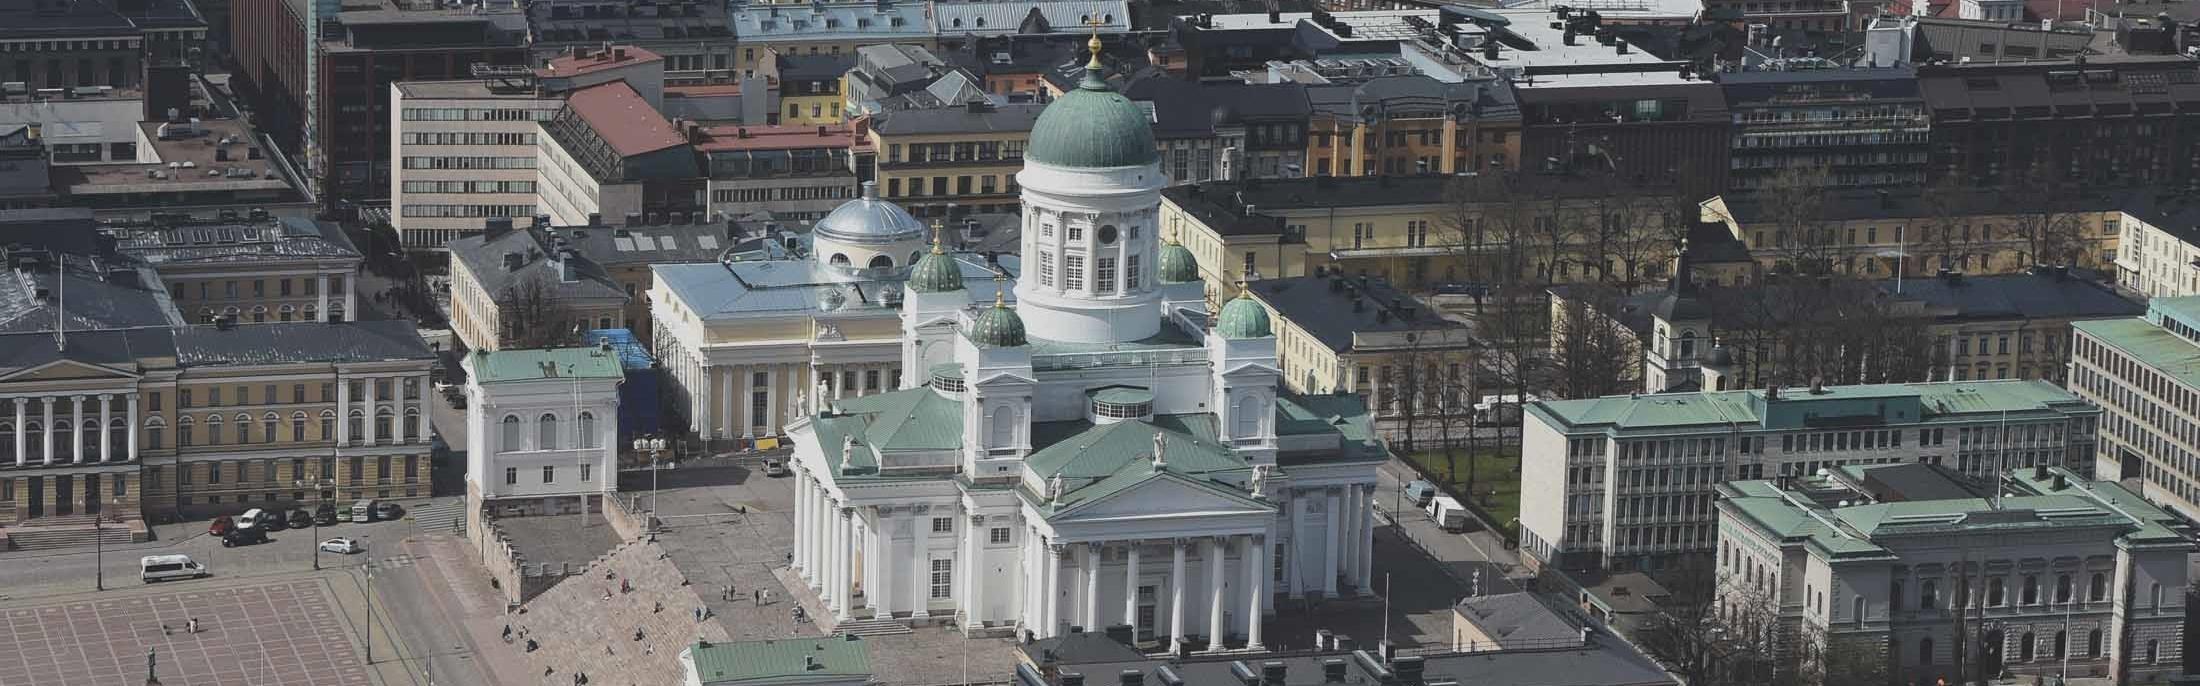 Senaatintori-Jussi-Nukari-Lehtikuva